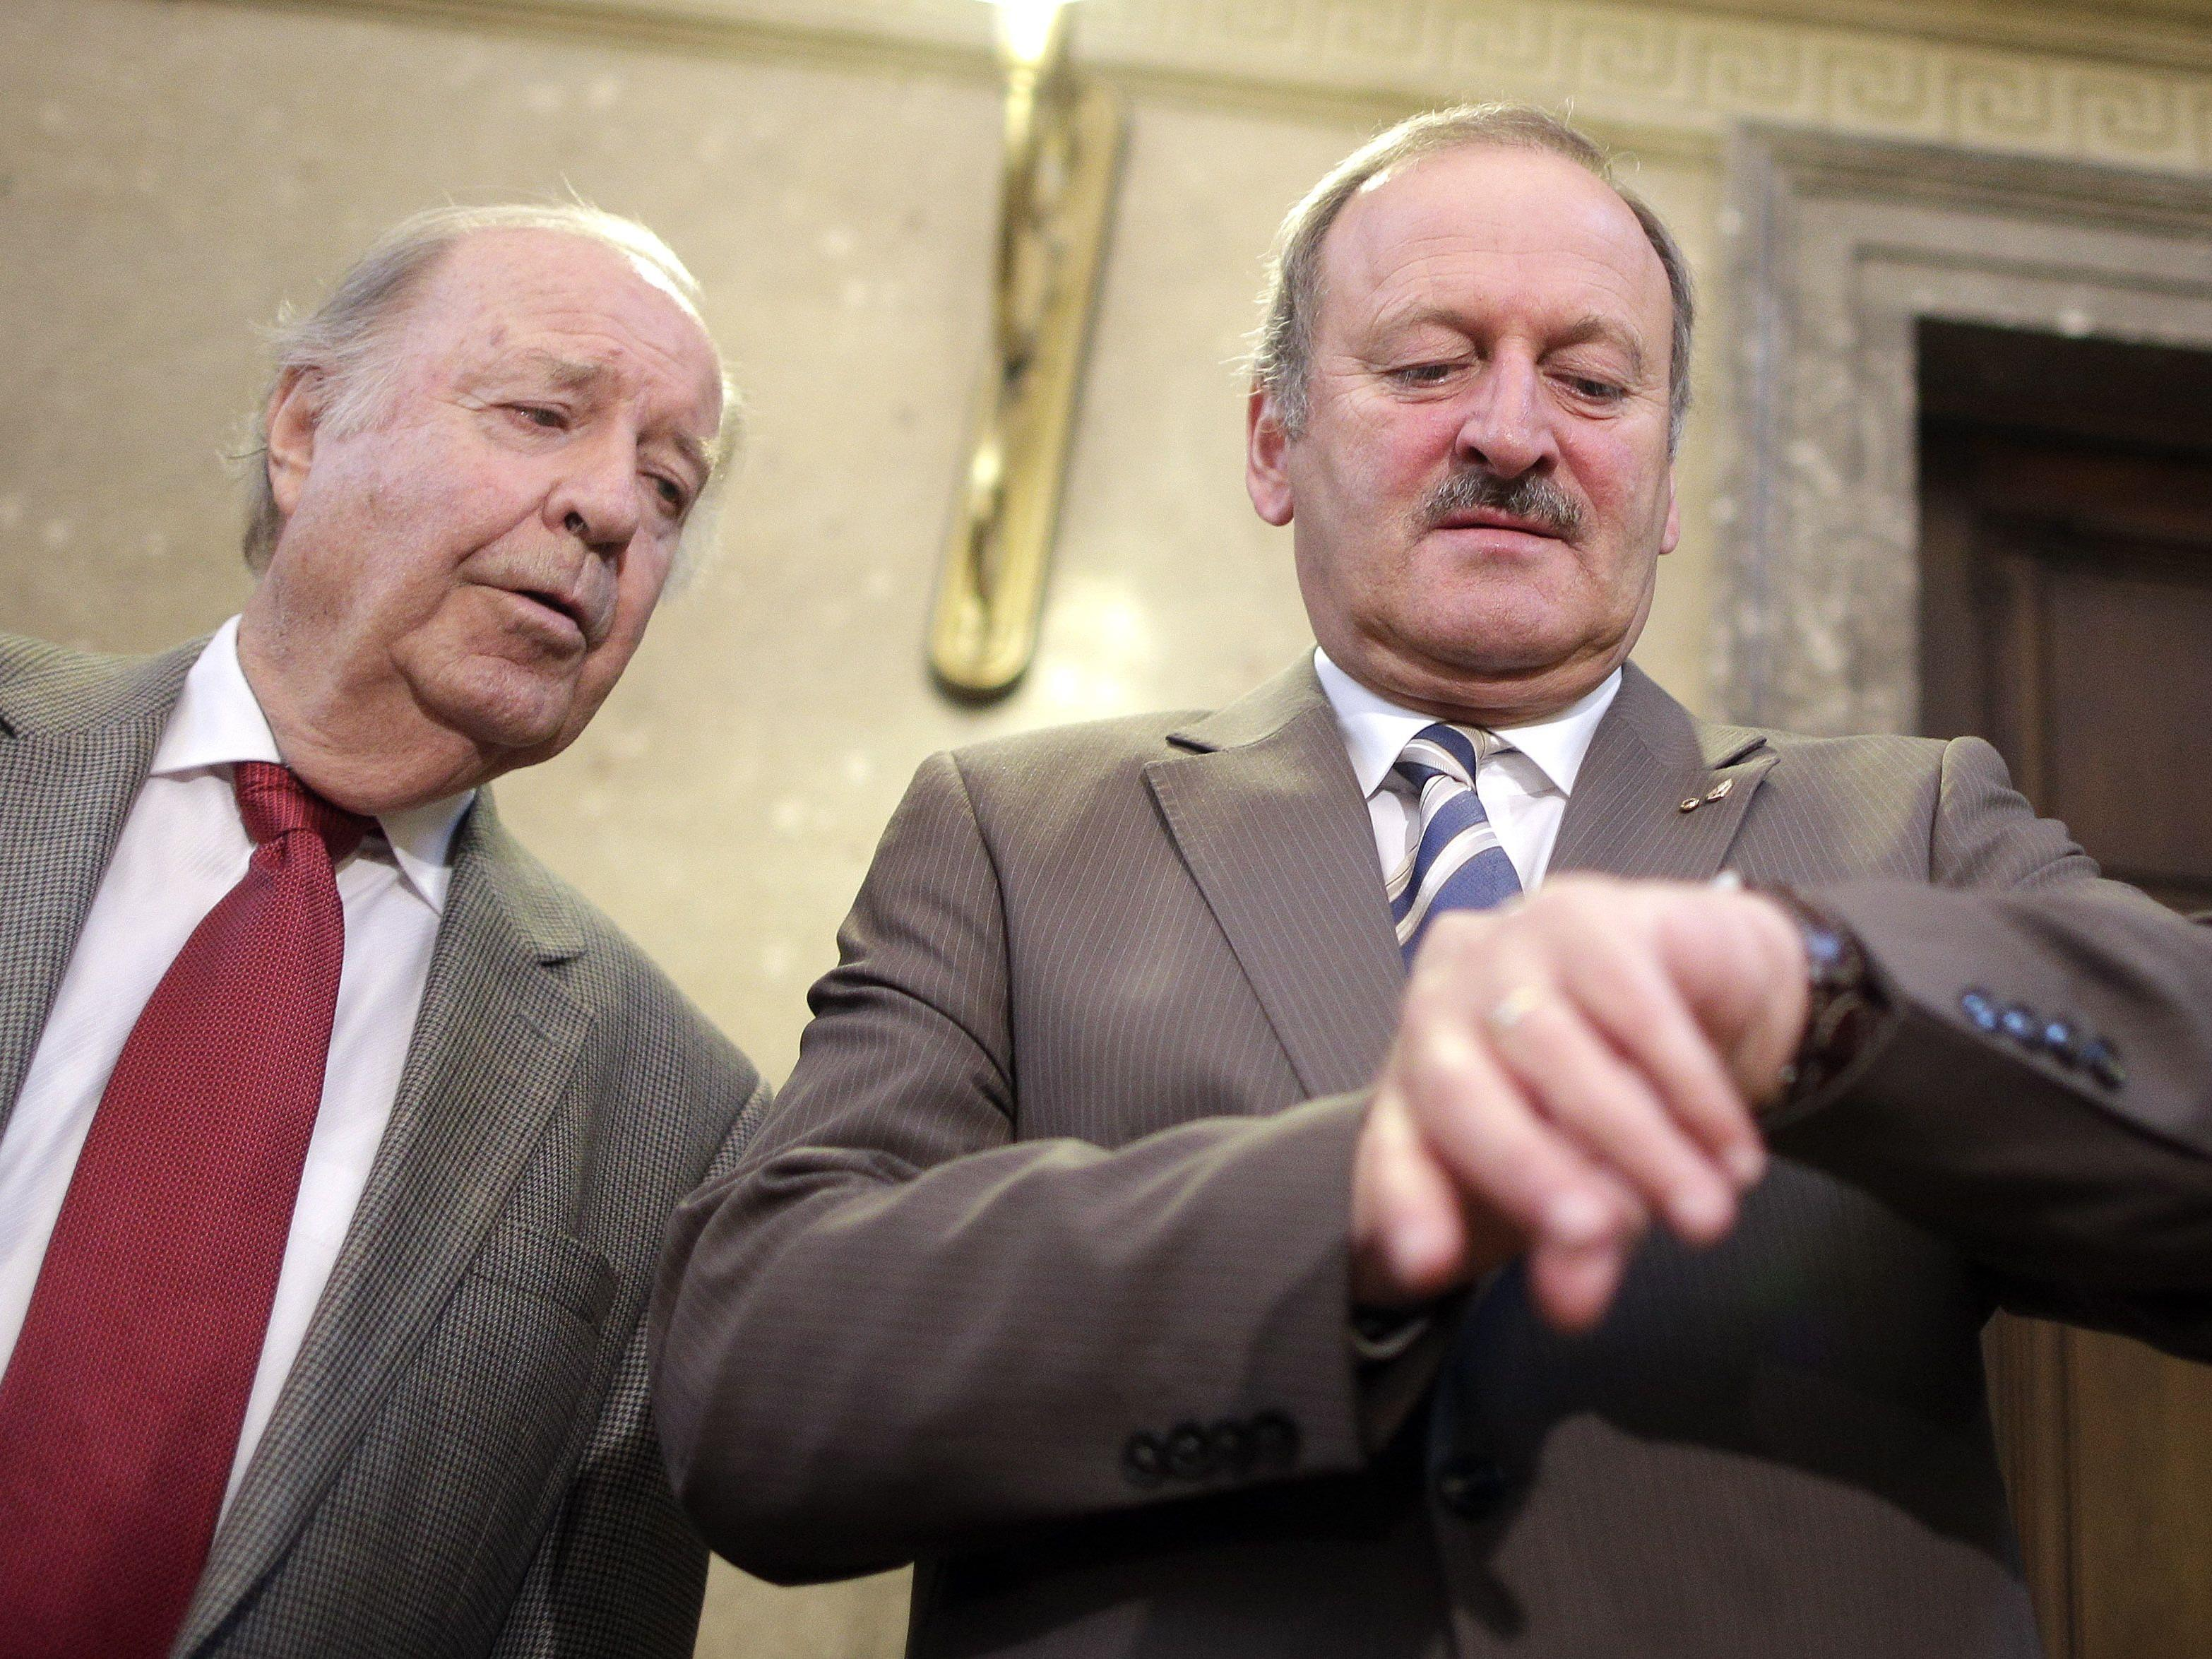 """Laut seiner ehemaligen Sekretärin hätten Gorbach un sie """"so lange weitergearbeitet, bis der letzte Euro aufgebraucht war""""."""